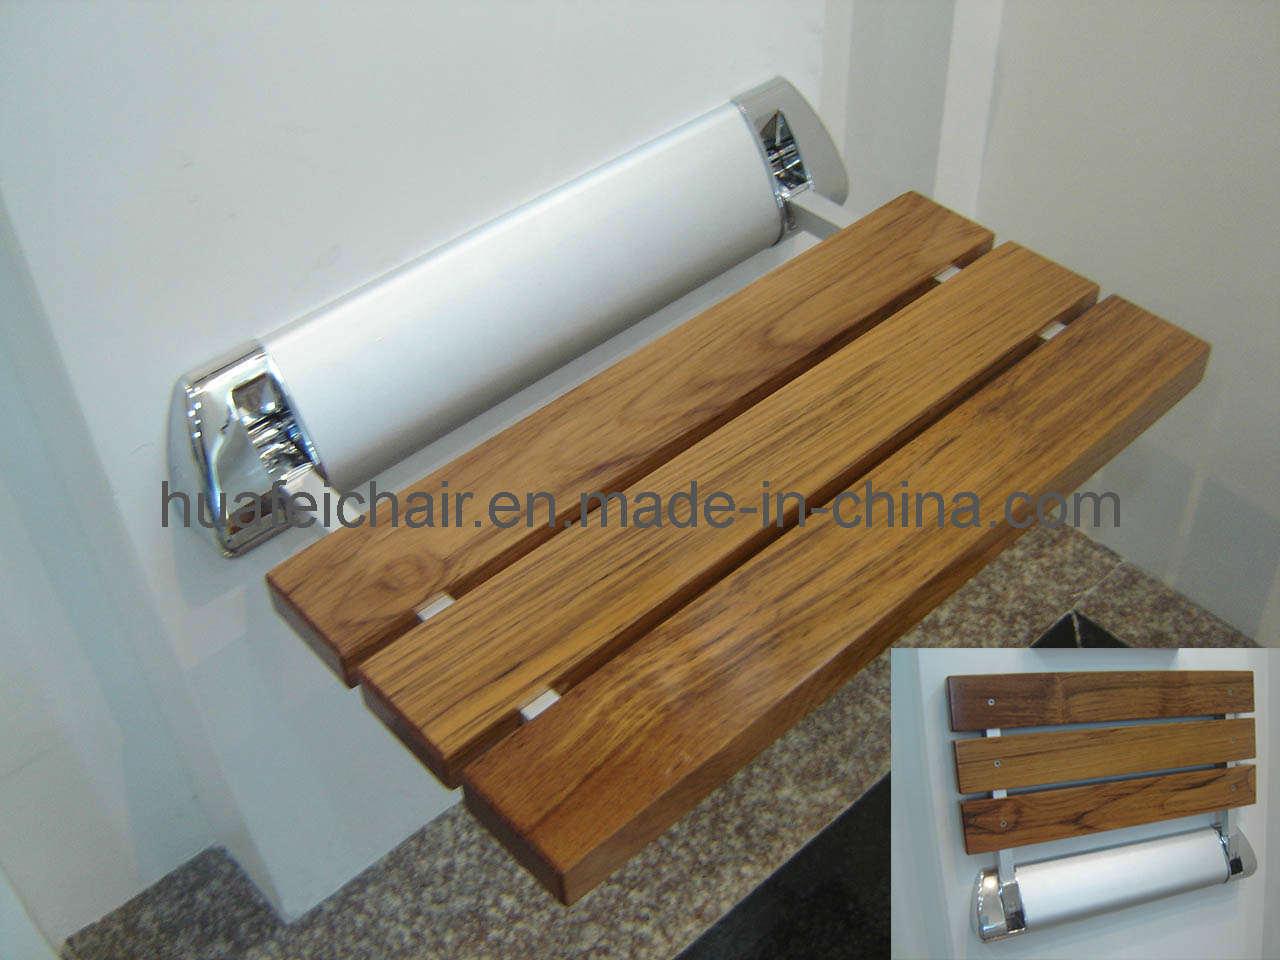 chaise de salle de bains d 3 chrome chaise de salle de. Black Bedroom Furniture Sets. Home Design Ideas